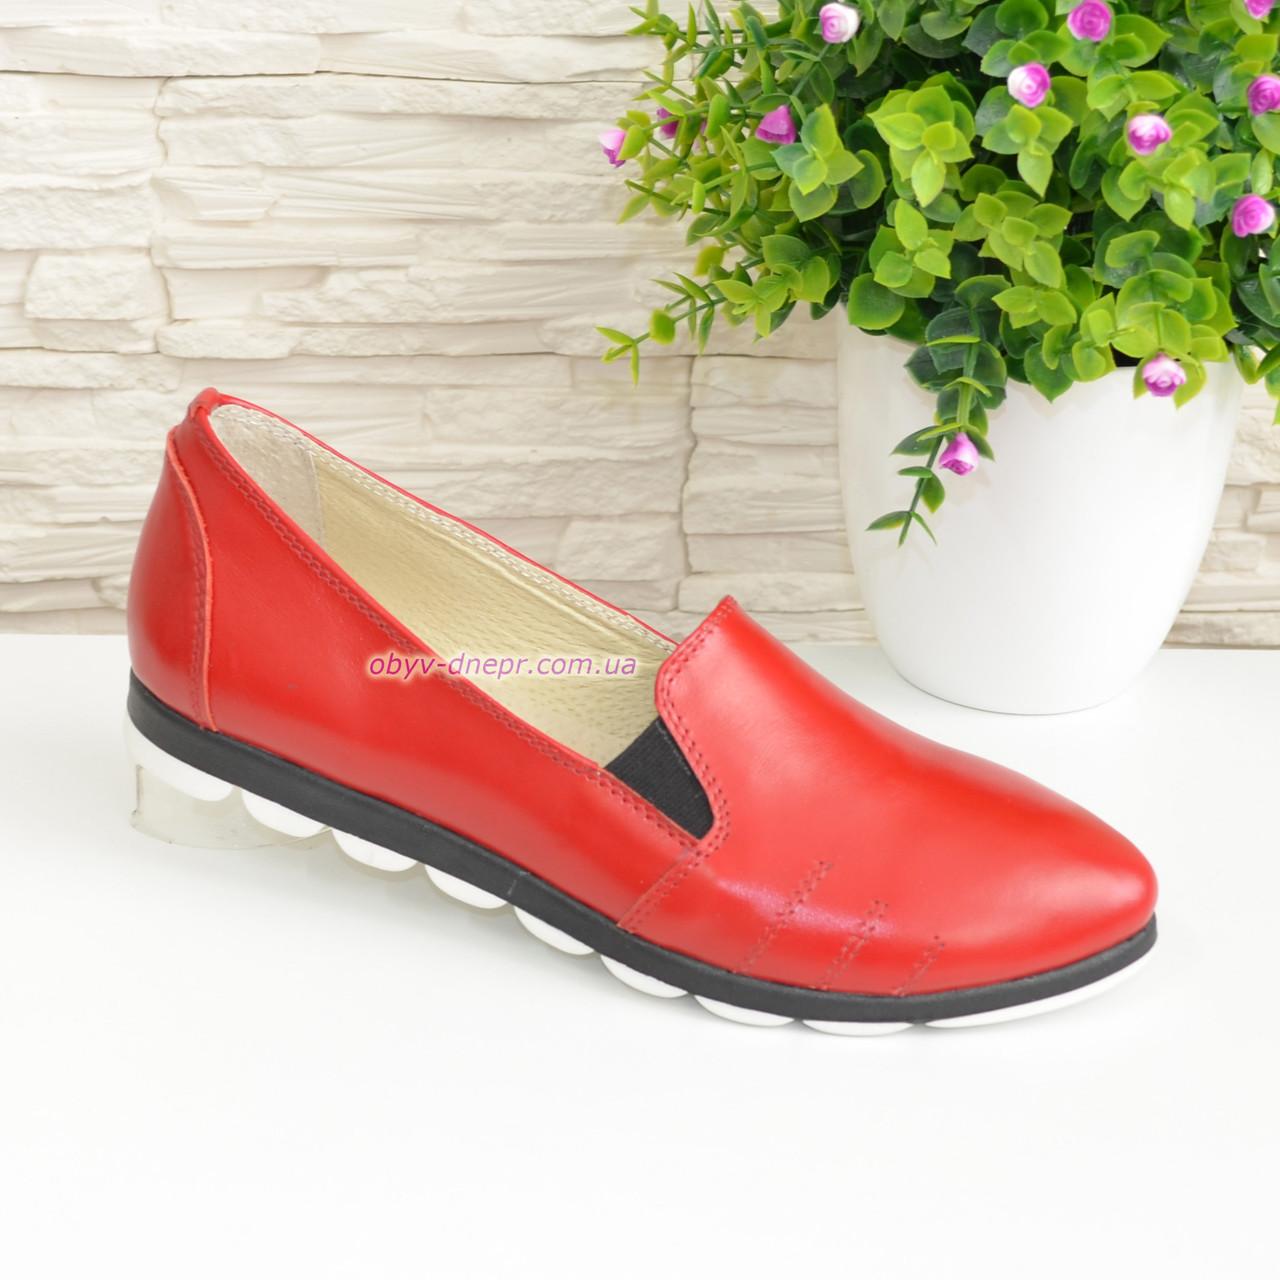 Туфли женские из натуральной кожи красного цвета